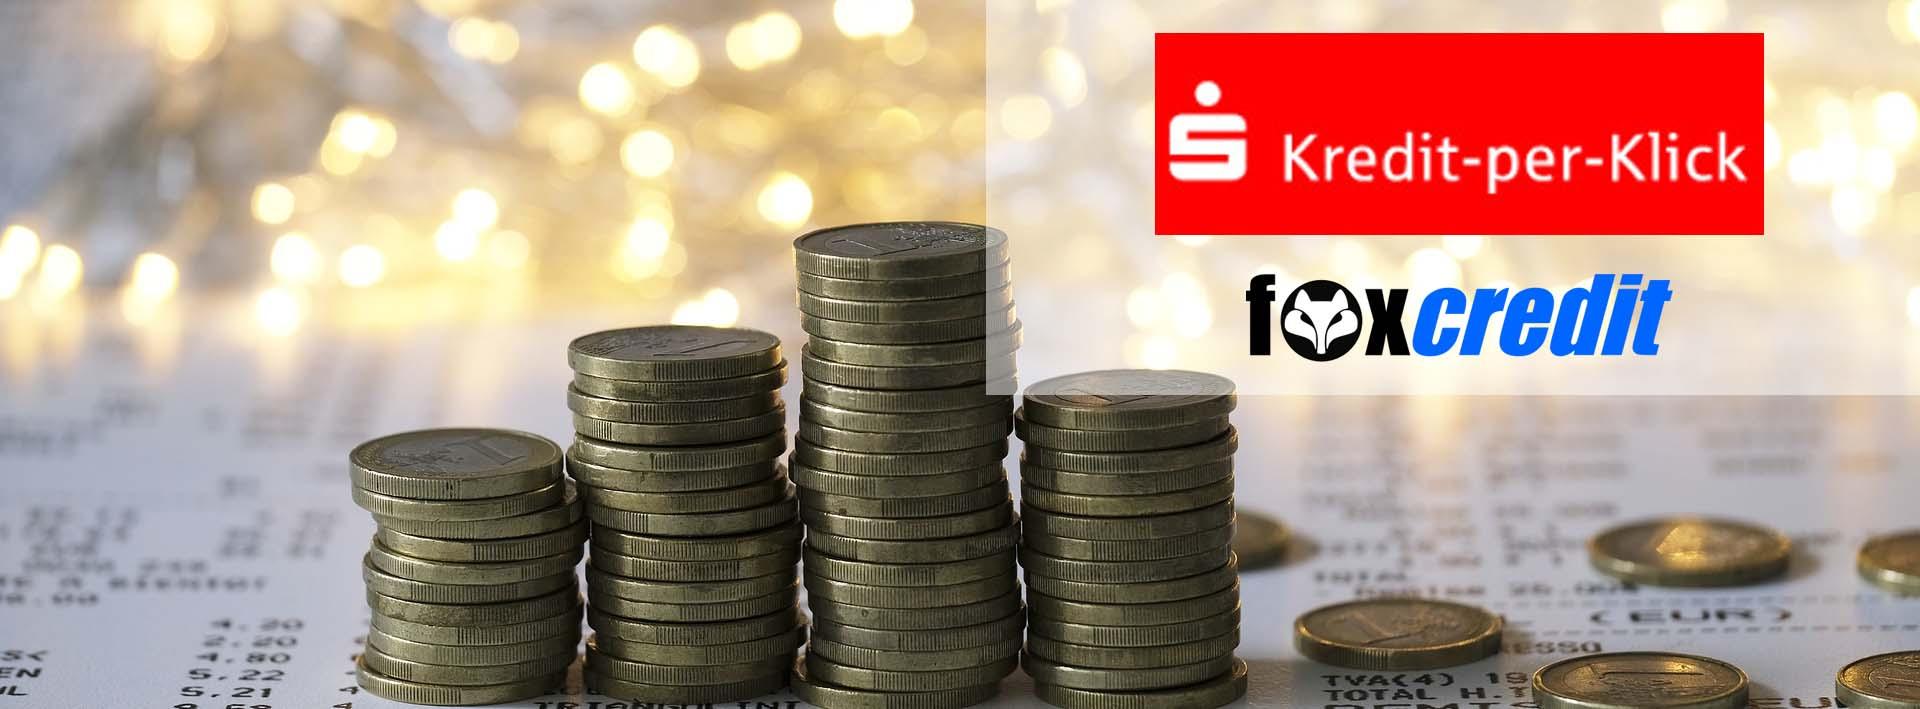 Sparkasse Kredit-per-Klick